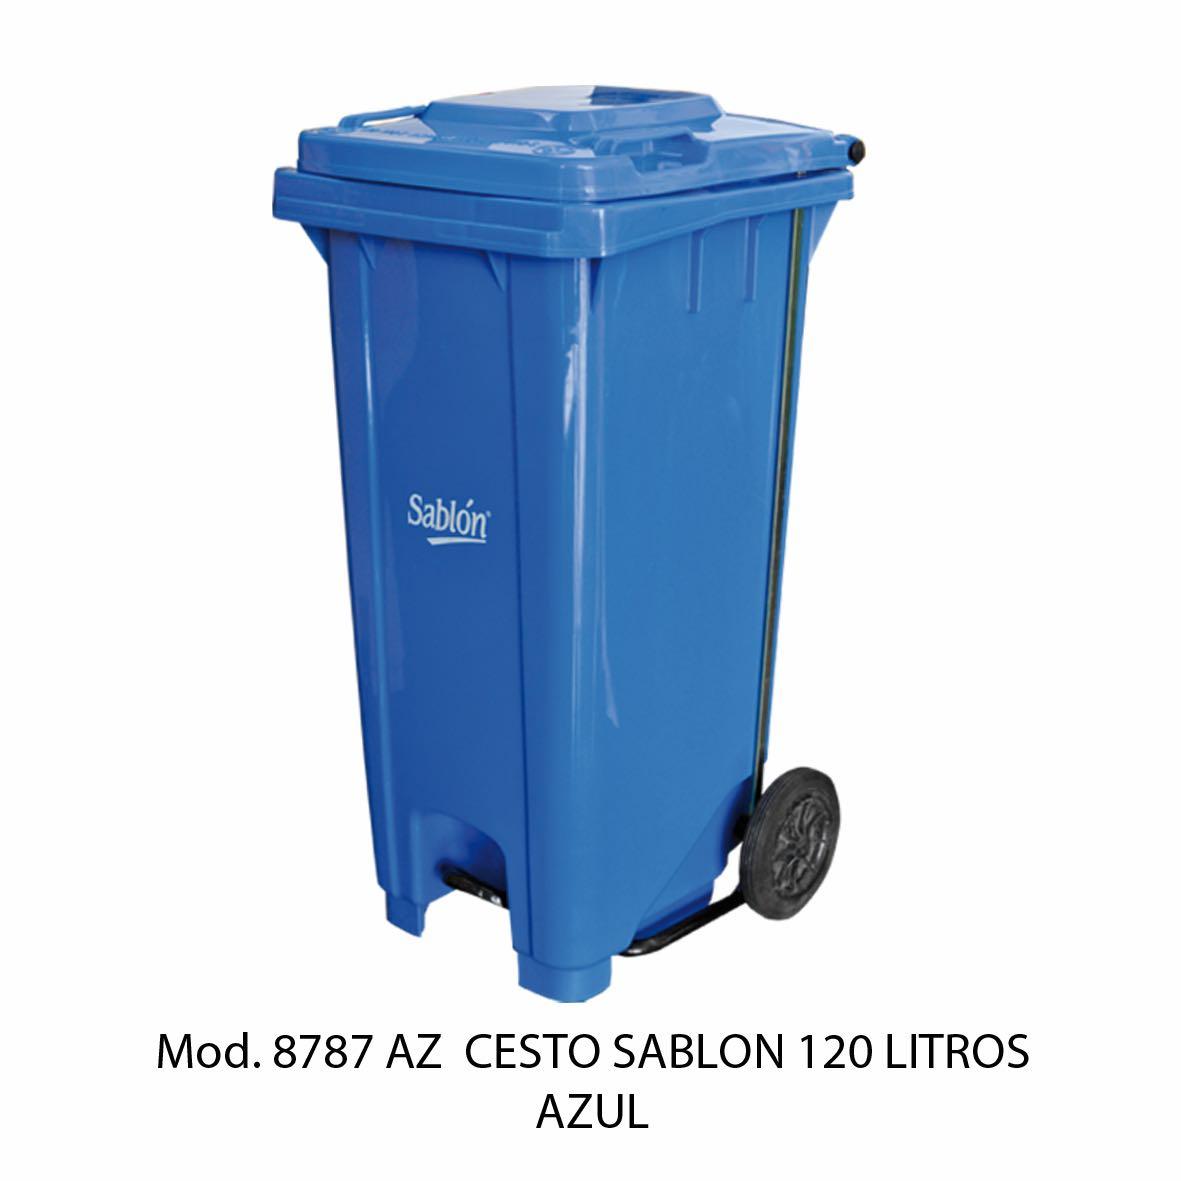 Contenedor para basura de 120 litros cuerpo azul y tapa azul - Modelo 8787 AZ - Sablón